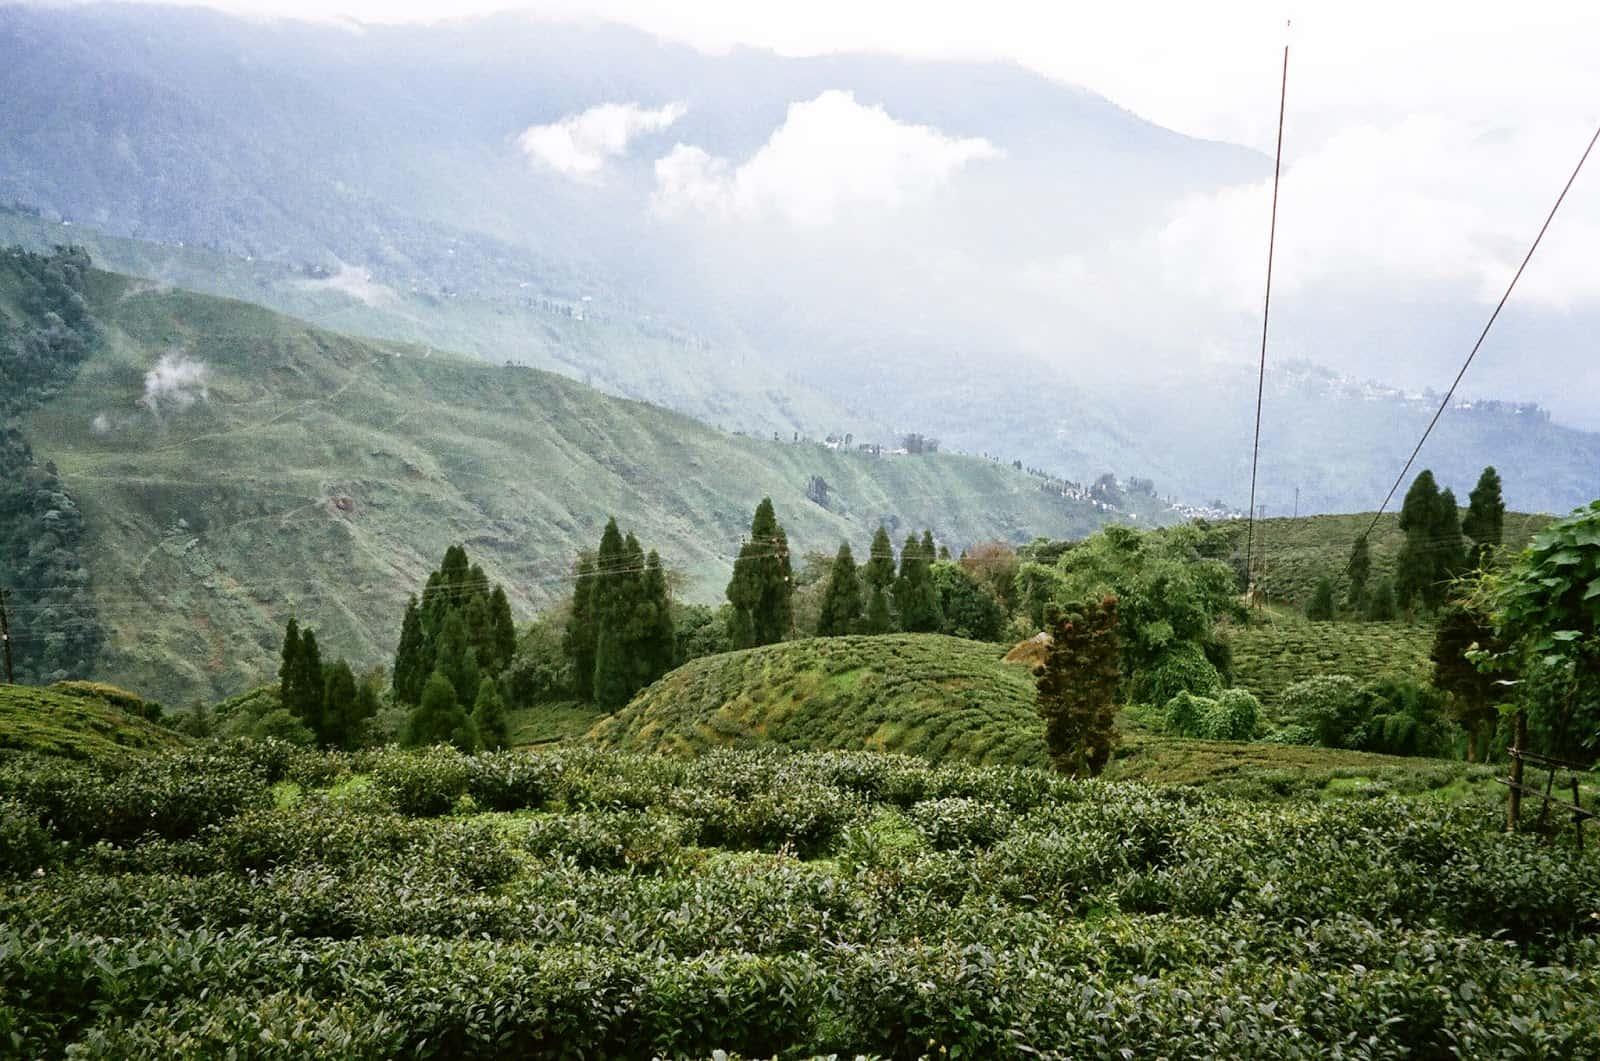 大吉嶺茶園之旅:搭乘玩具火車,品味「茶中的香檳」頂級印度紅茶與白茶